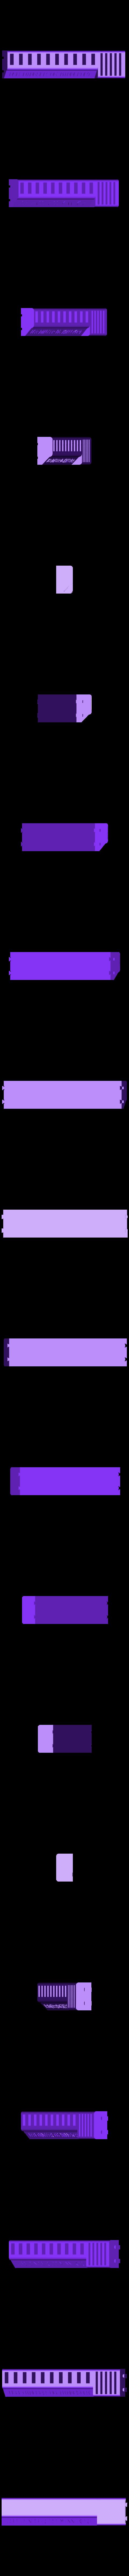 usbsticksdcardholderv2_20150621-25877-mw3kbh-0.stl Télécharger fichier STL gratuit USB DINGSER OG MINNEKORT/USB GADGETS ET CARTES MÉMOIRE • Plan à imprimer en 3D, Jakwit